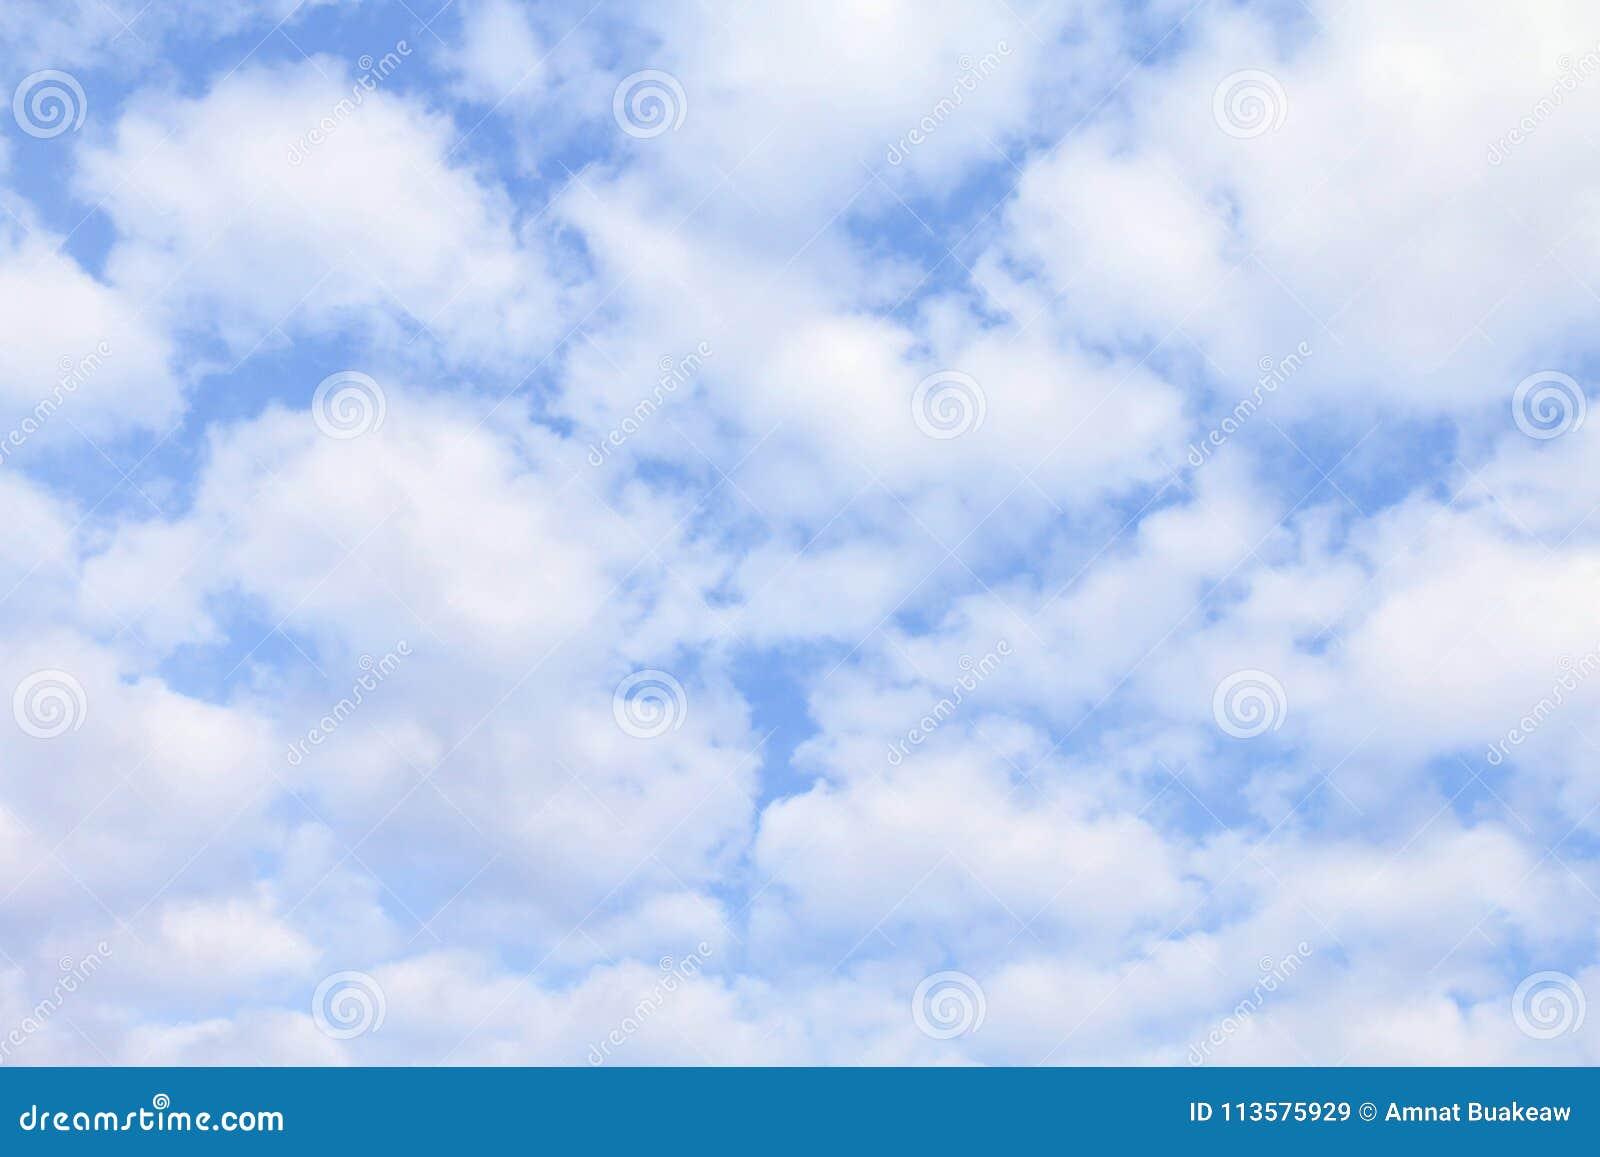 Céu, nuvens macias brancas, fundo macio dos azul-céu da nuvem do céu, nuvem do espaço livre do céu do cloudscape